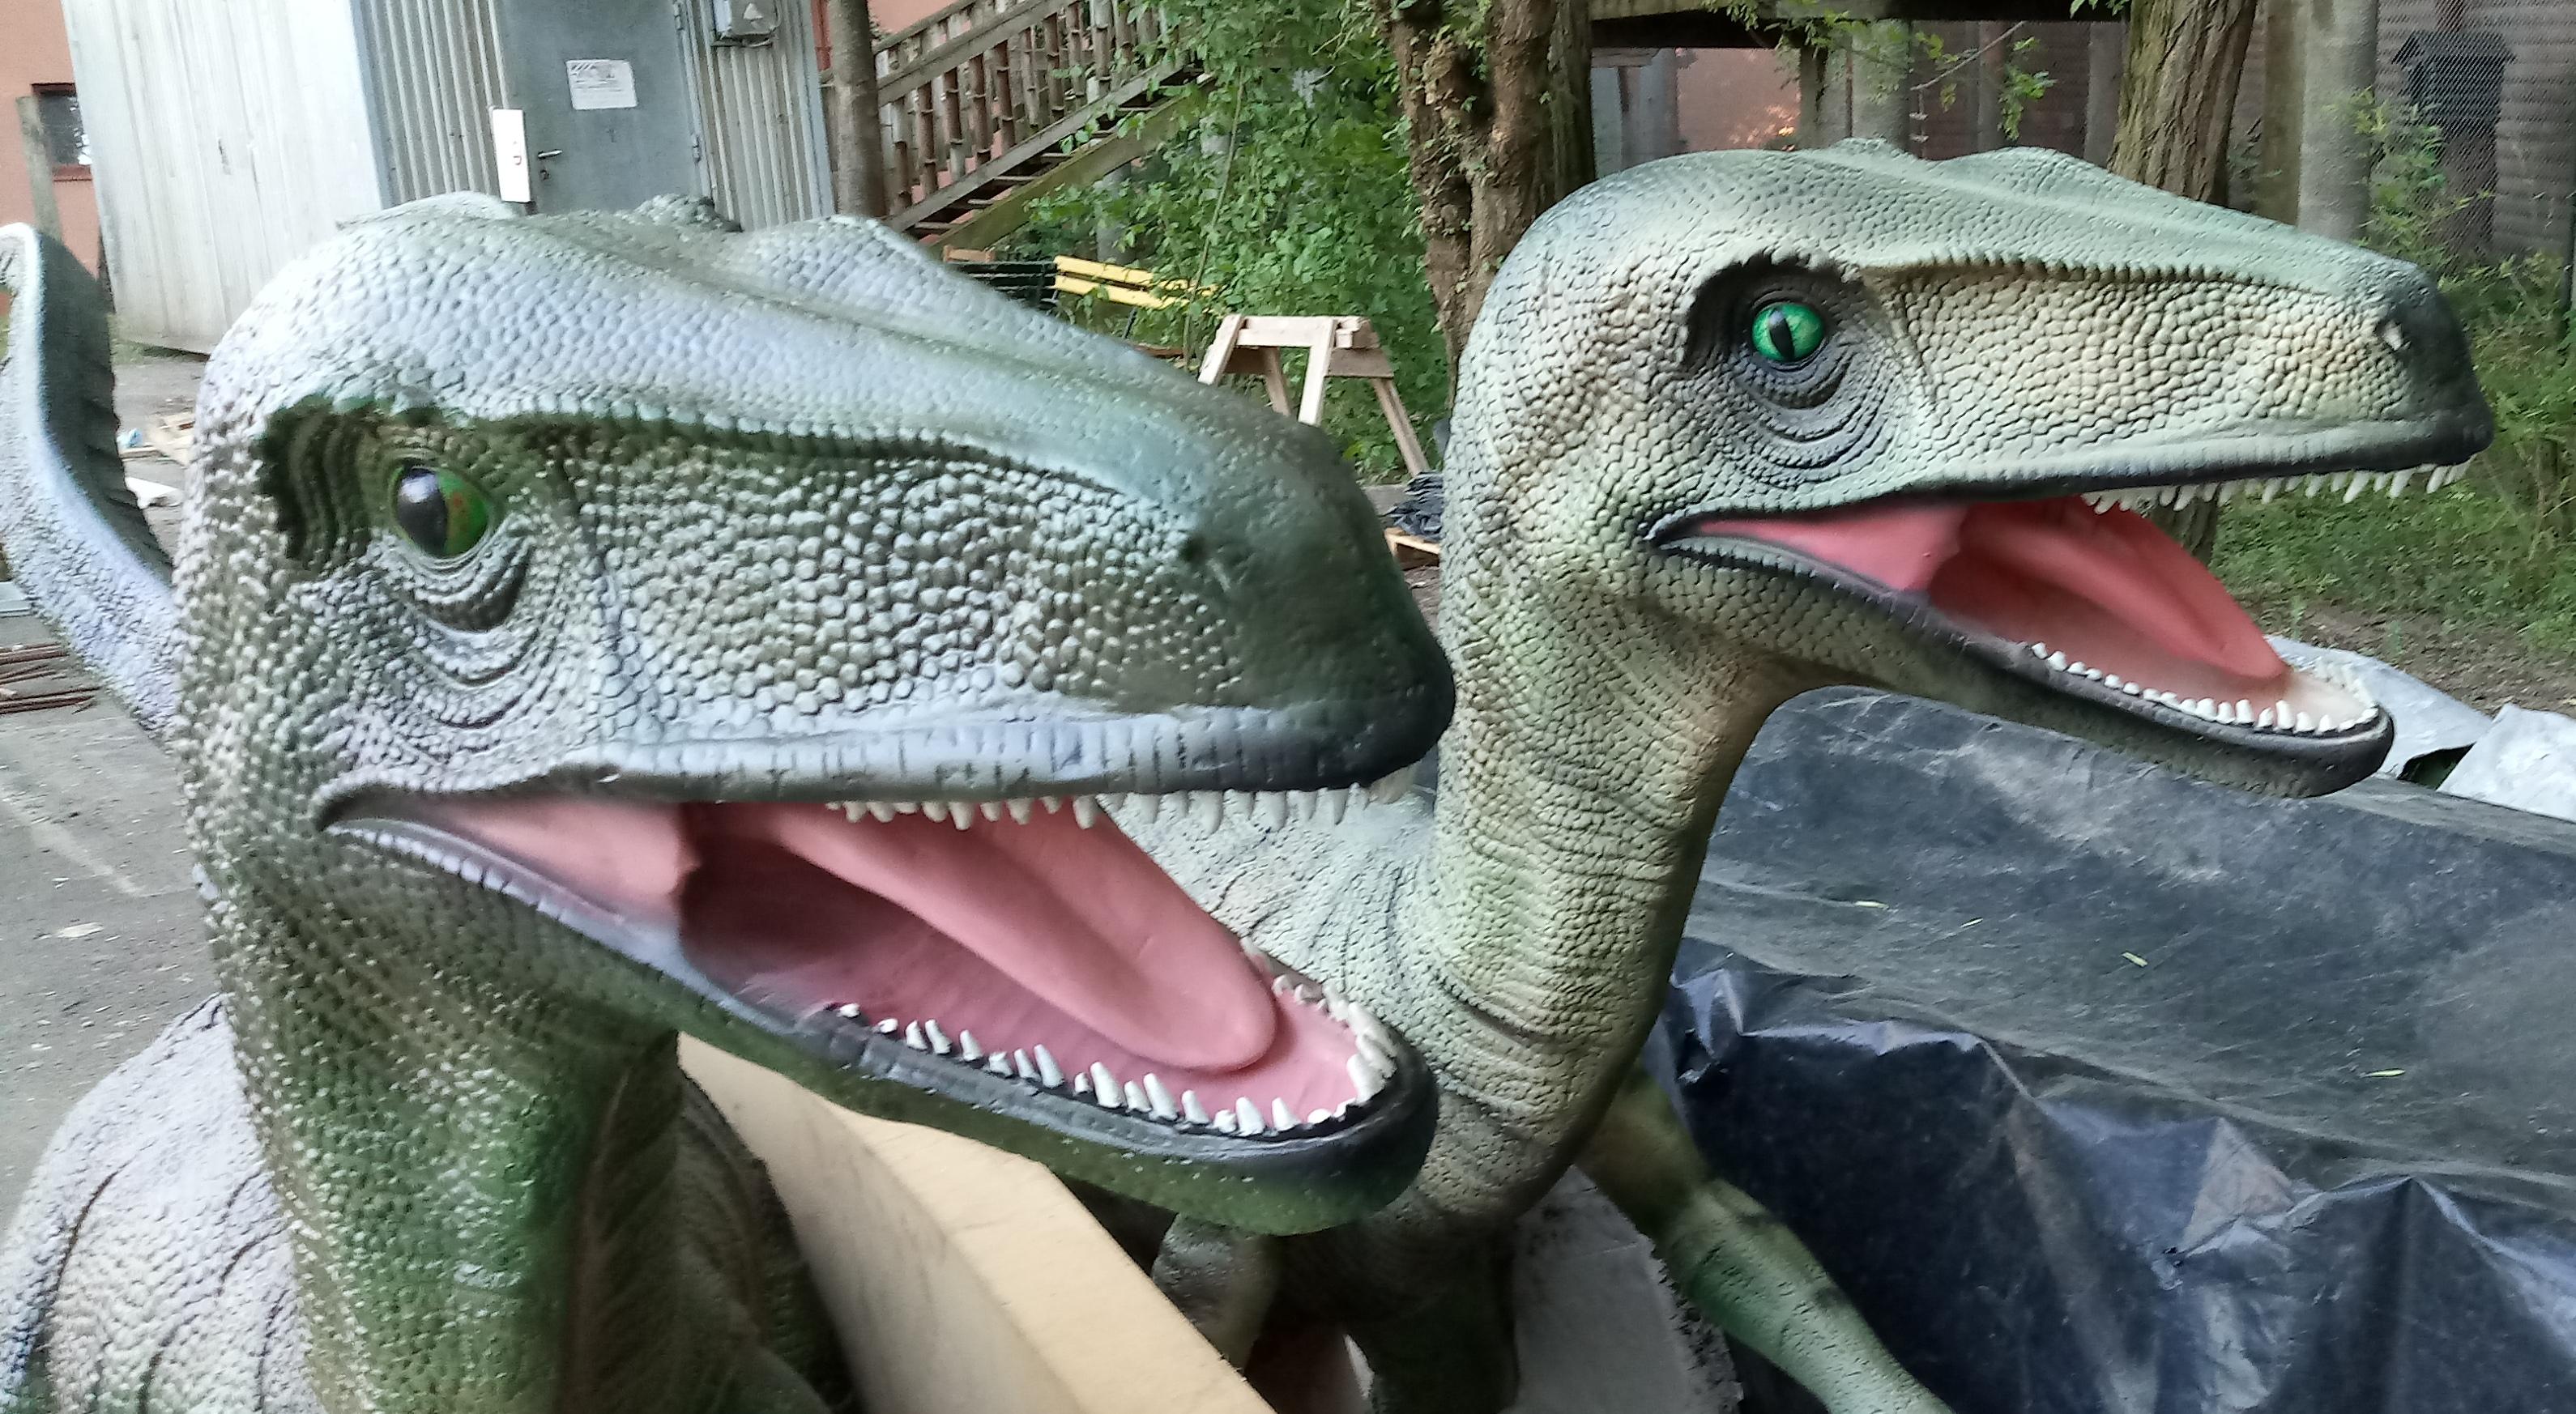 Velicoraptorok